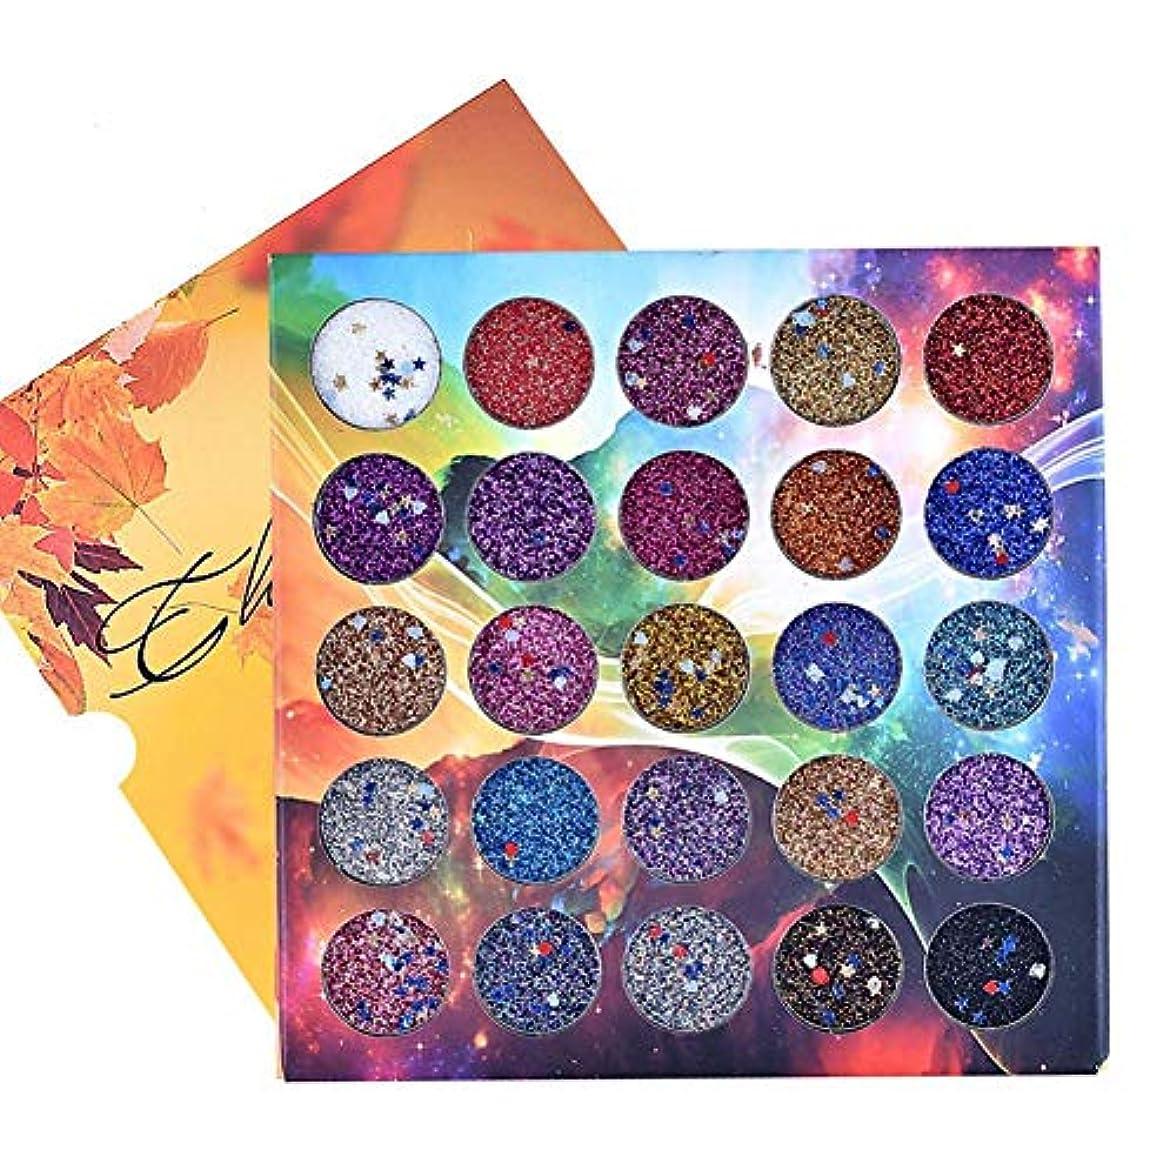 生産的め言葉爆弾SILUN 25色/ボックスファッションダイヤモンドグリッターアイシャドウセット化粧品アイシャドウトレイ真珠光沢スパンコールグリッターマーメイドサマーステージメイクアップセット化粧品